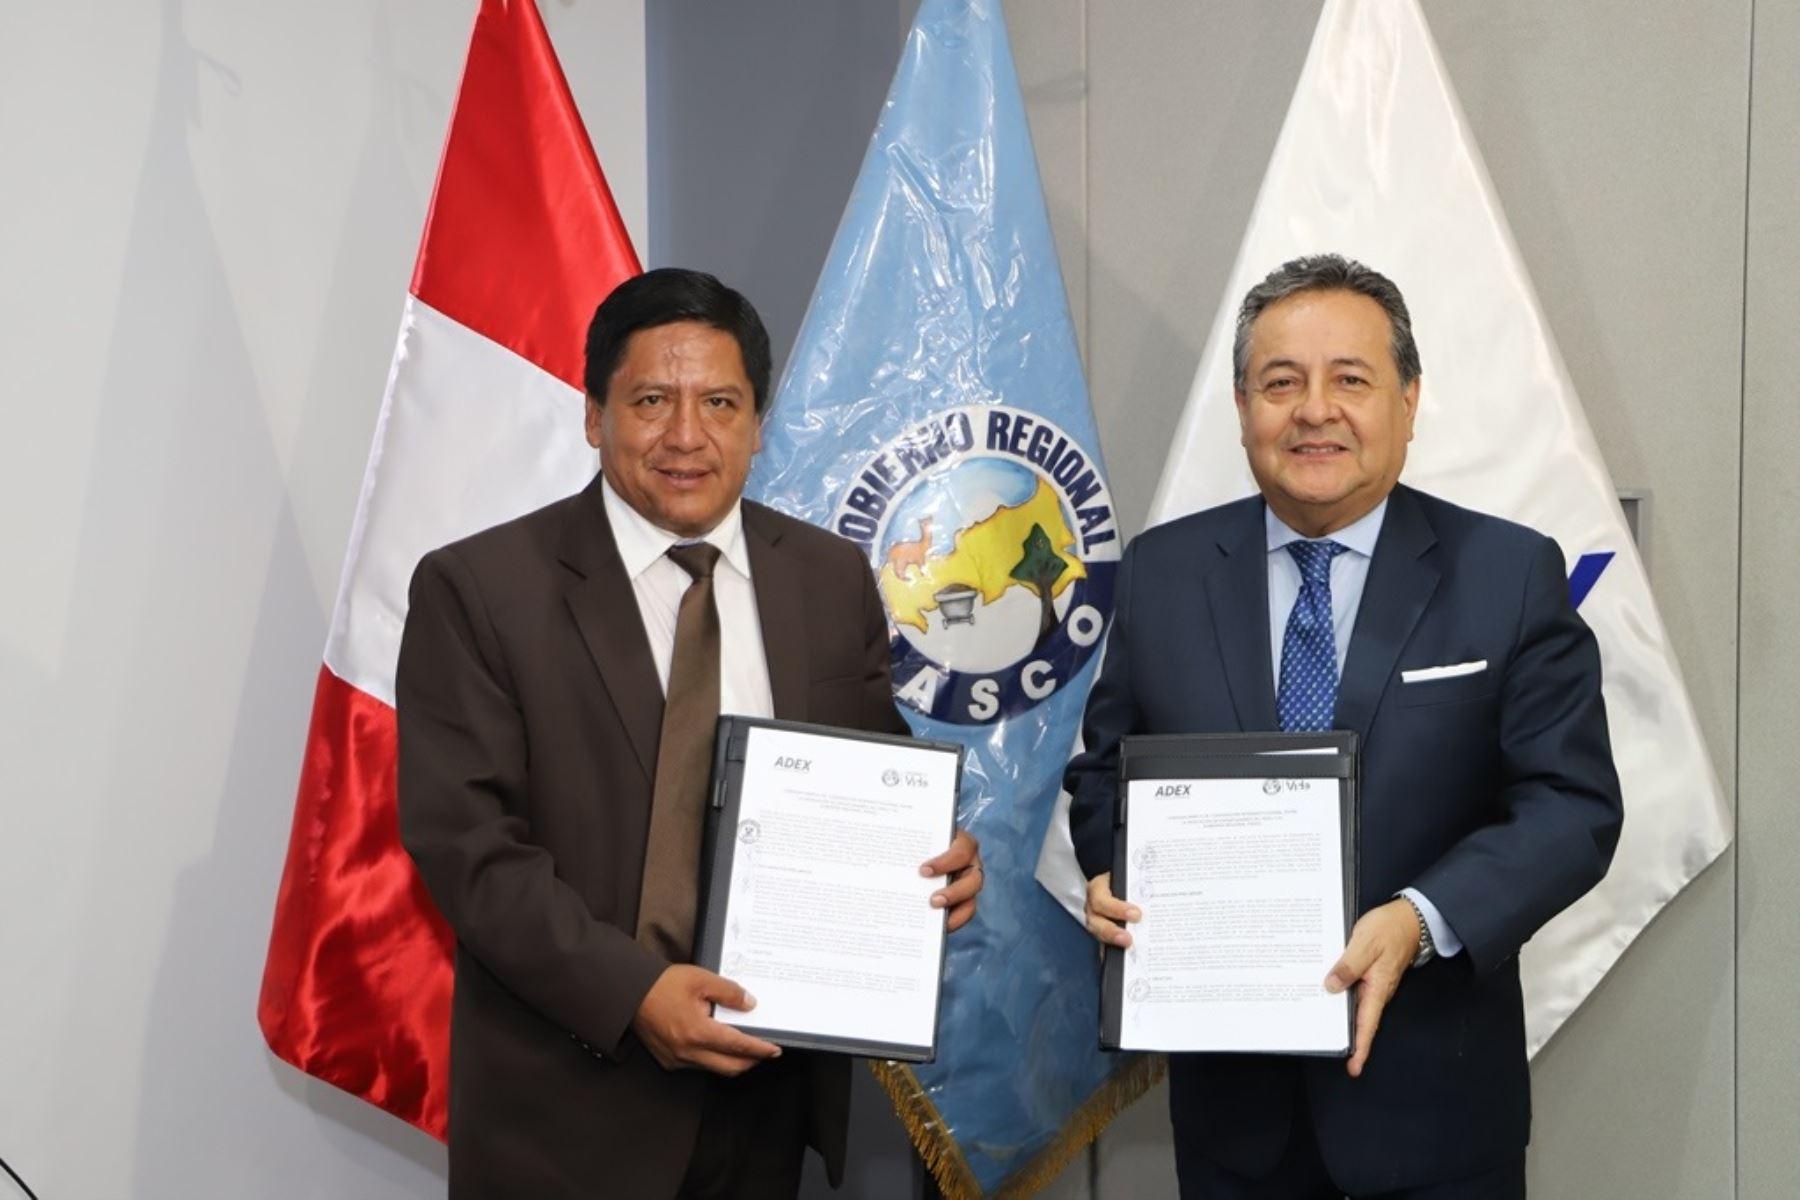 Gobernador de la región Pasco, Pedro Polinar y el presidente de Adex, Alfonso Velásquez, firman convenio de cooperación interinstitucional. Foto: Cortesía.